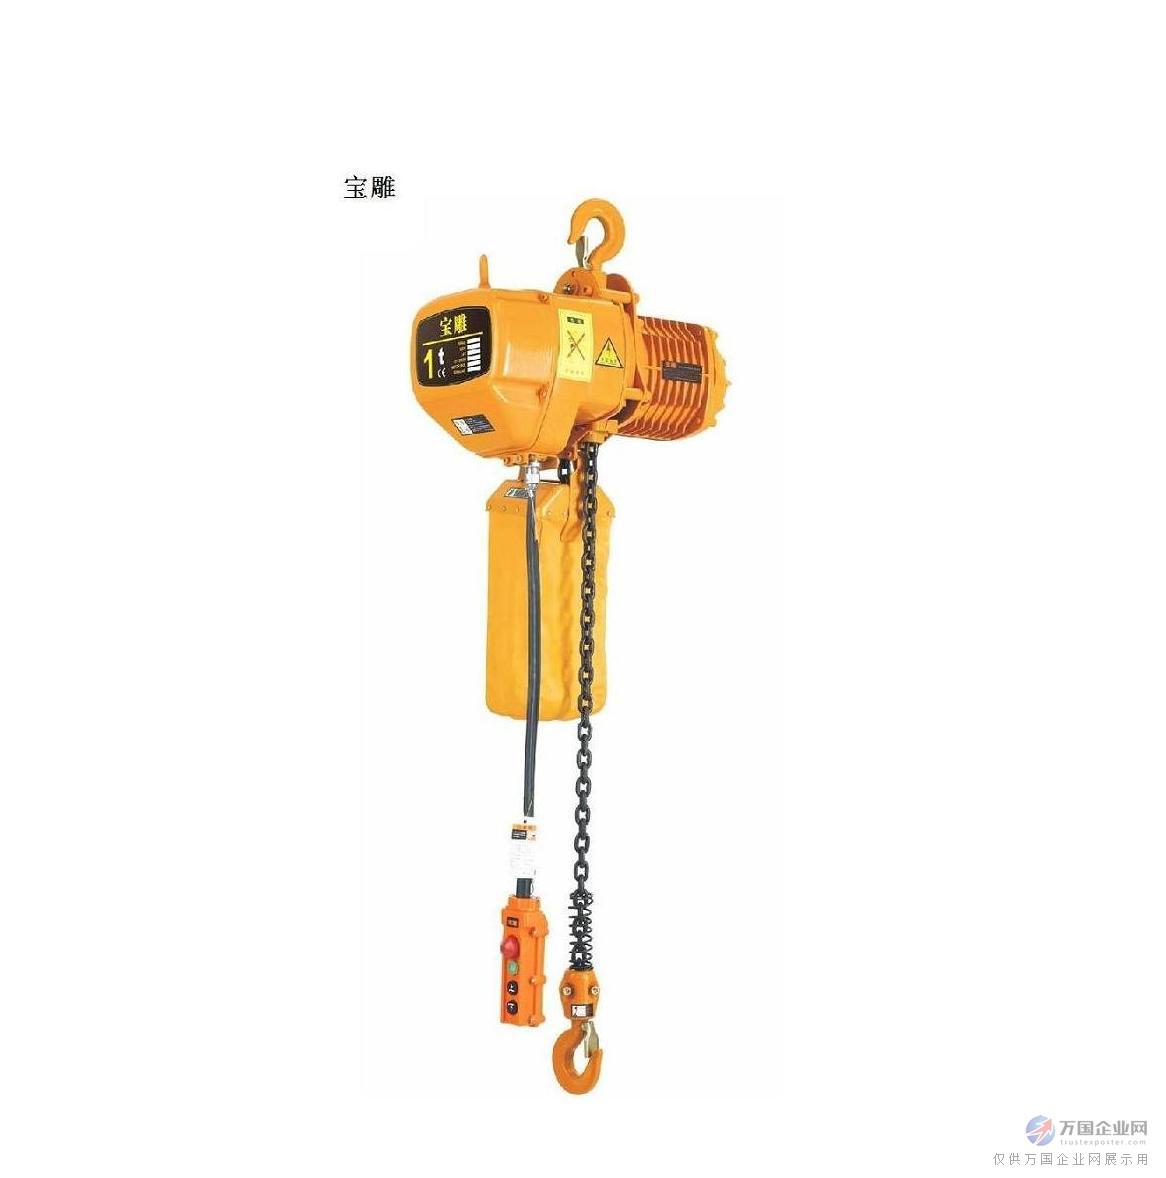 1吨3米电动葫芦 挂钩式 宝雕现货 威龙起重 链条式 3米6米9米15米20米30米等 清苑县威龙起重机械有限公司  单链电动葫芦 型号:HHBB01-01 环链电动葫芦,在车间起吊设备中经常用到。环链电动葫芦是起重葫芦的一种。一般会安装在天车上,或者是龙门架(吊)上,该设备的重量很轻,而且体积比较小,使用起来非常方便。适用范围码头、工厂、矿场。为了让人们了解更多,让我为大家详细介绍一下环链电动葫芦的情况吧。 使用方法:起重工作一结束,就应技术切断电源,使用过程中如果出现故障,不能再继续工作,要立刻切断电